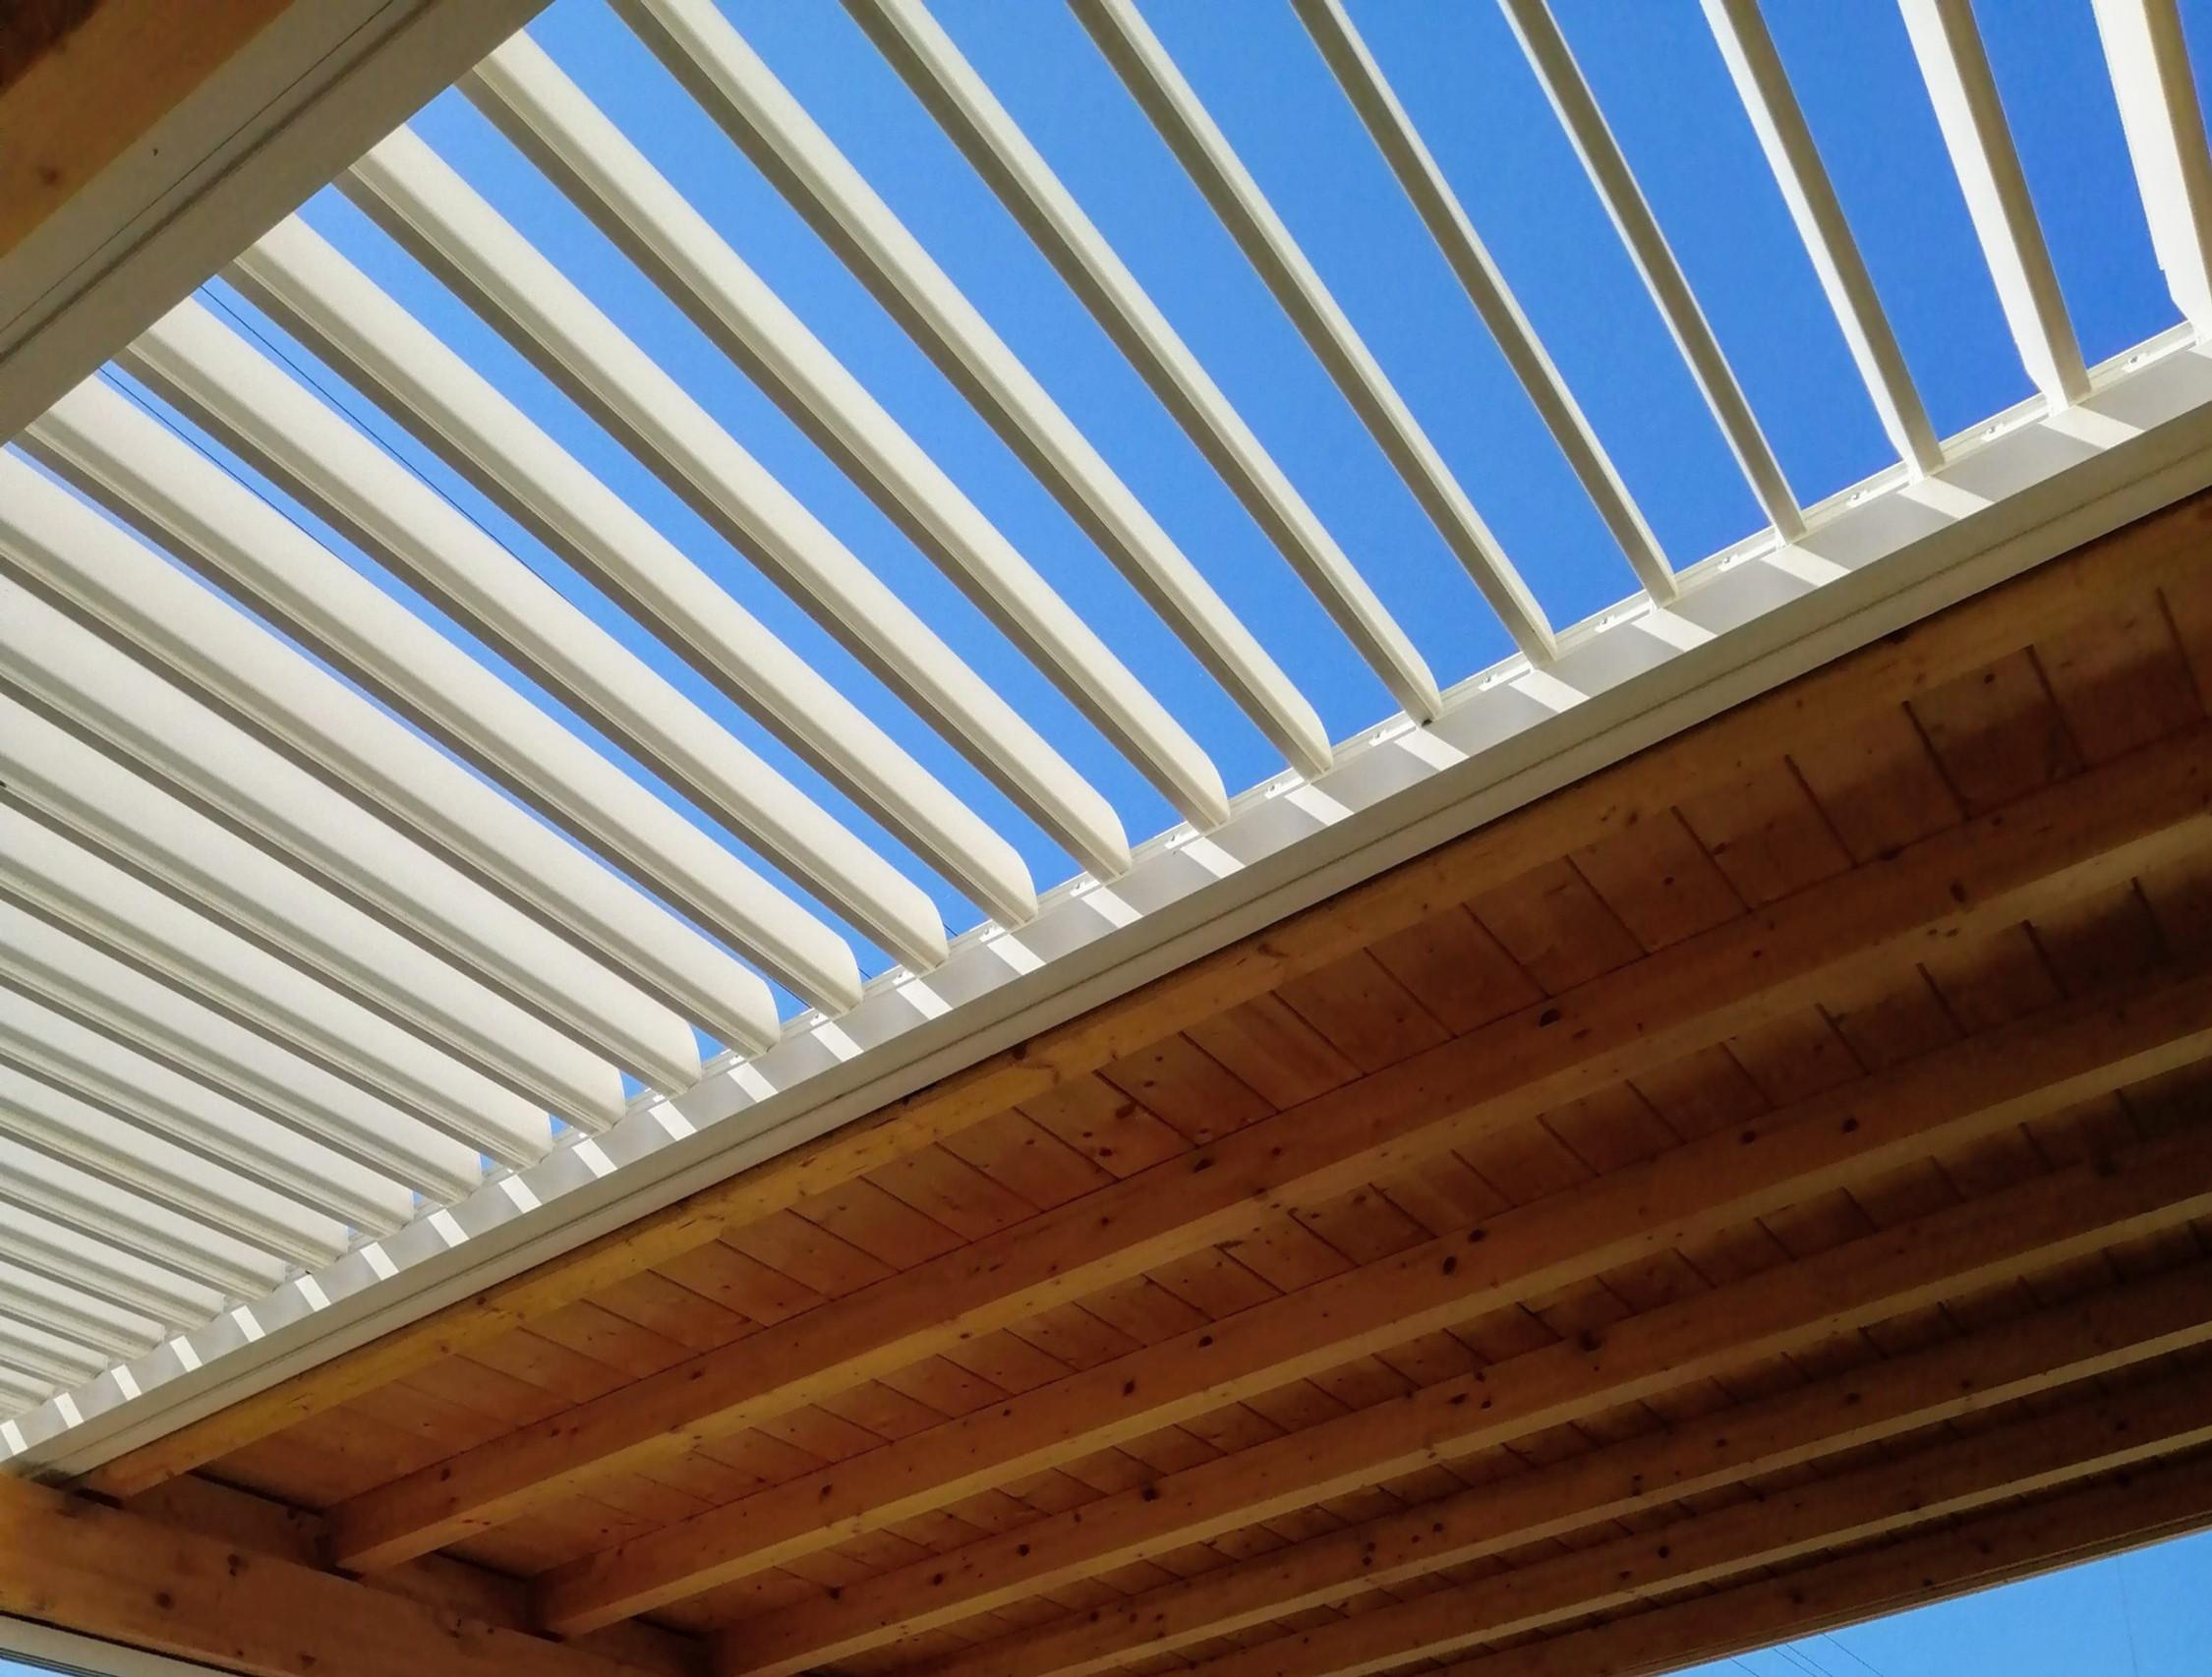 Pergolati In Legno Senza Permessi vivere il fuori | serre solari | pergole verande tettoie